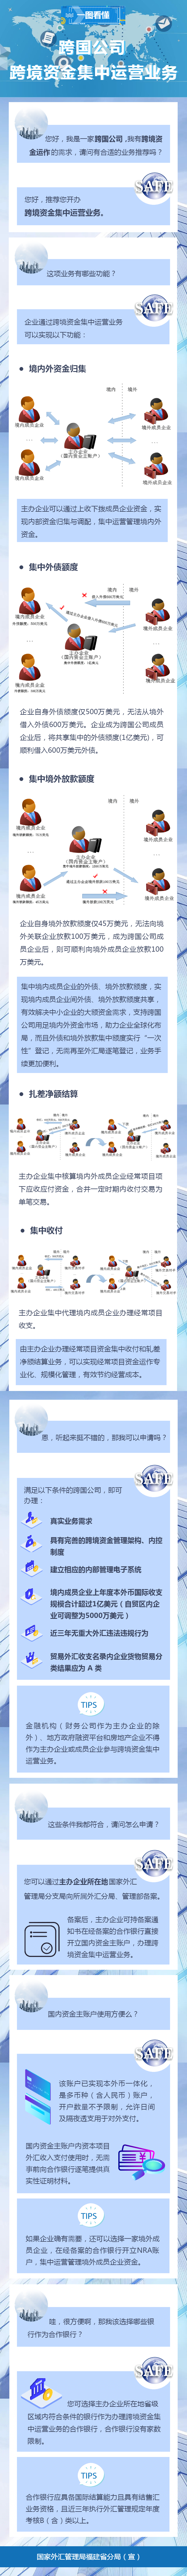 微信圖片(跨國公司跨境資金集中運營業務).png